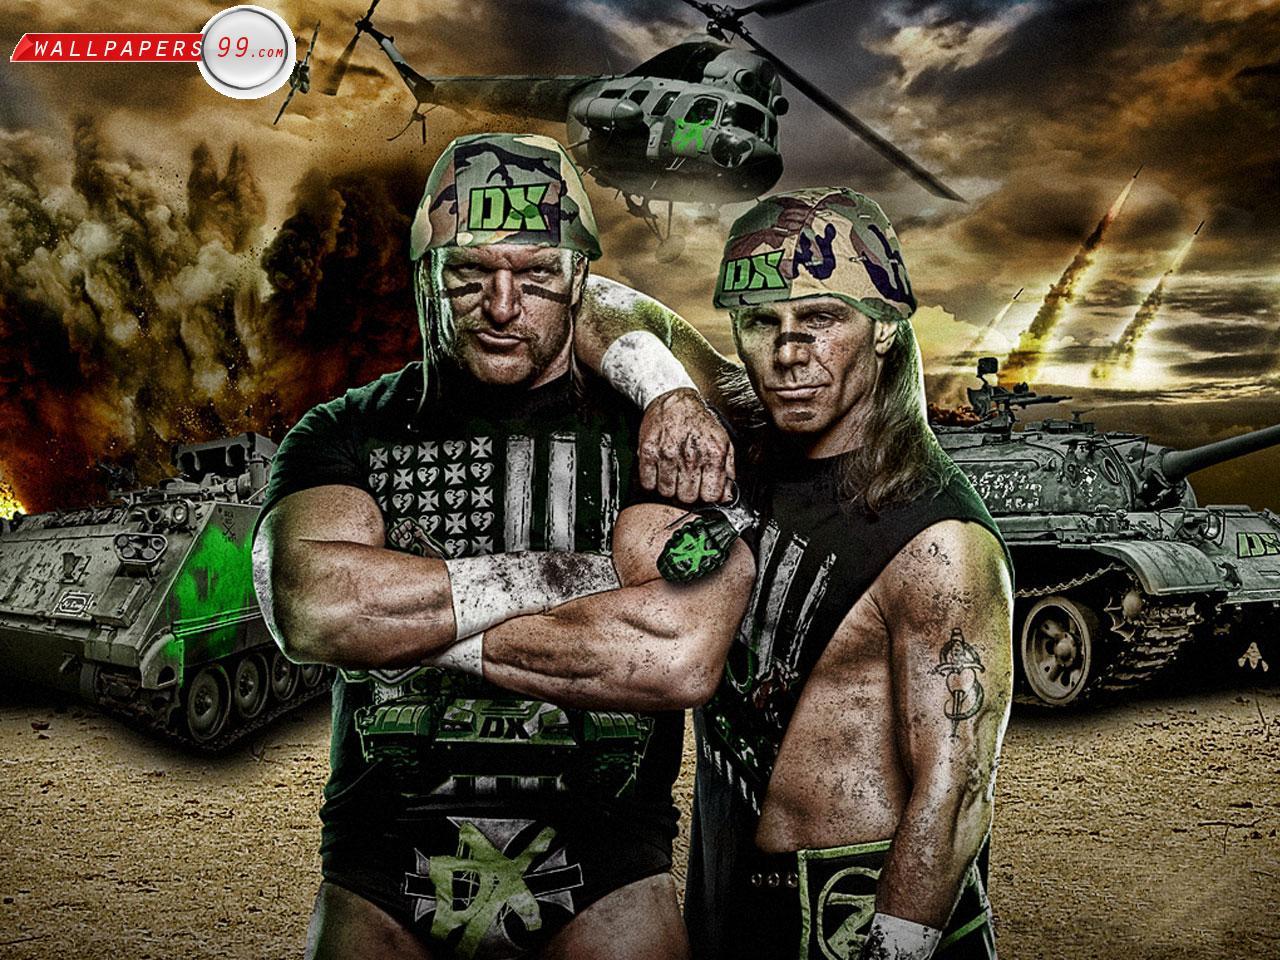 Wwe Dx Hd Wallpaper Dx Triple H Shawn Michael Wallpapers Wwe Superstars Wwe